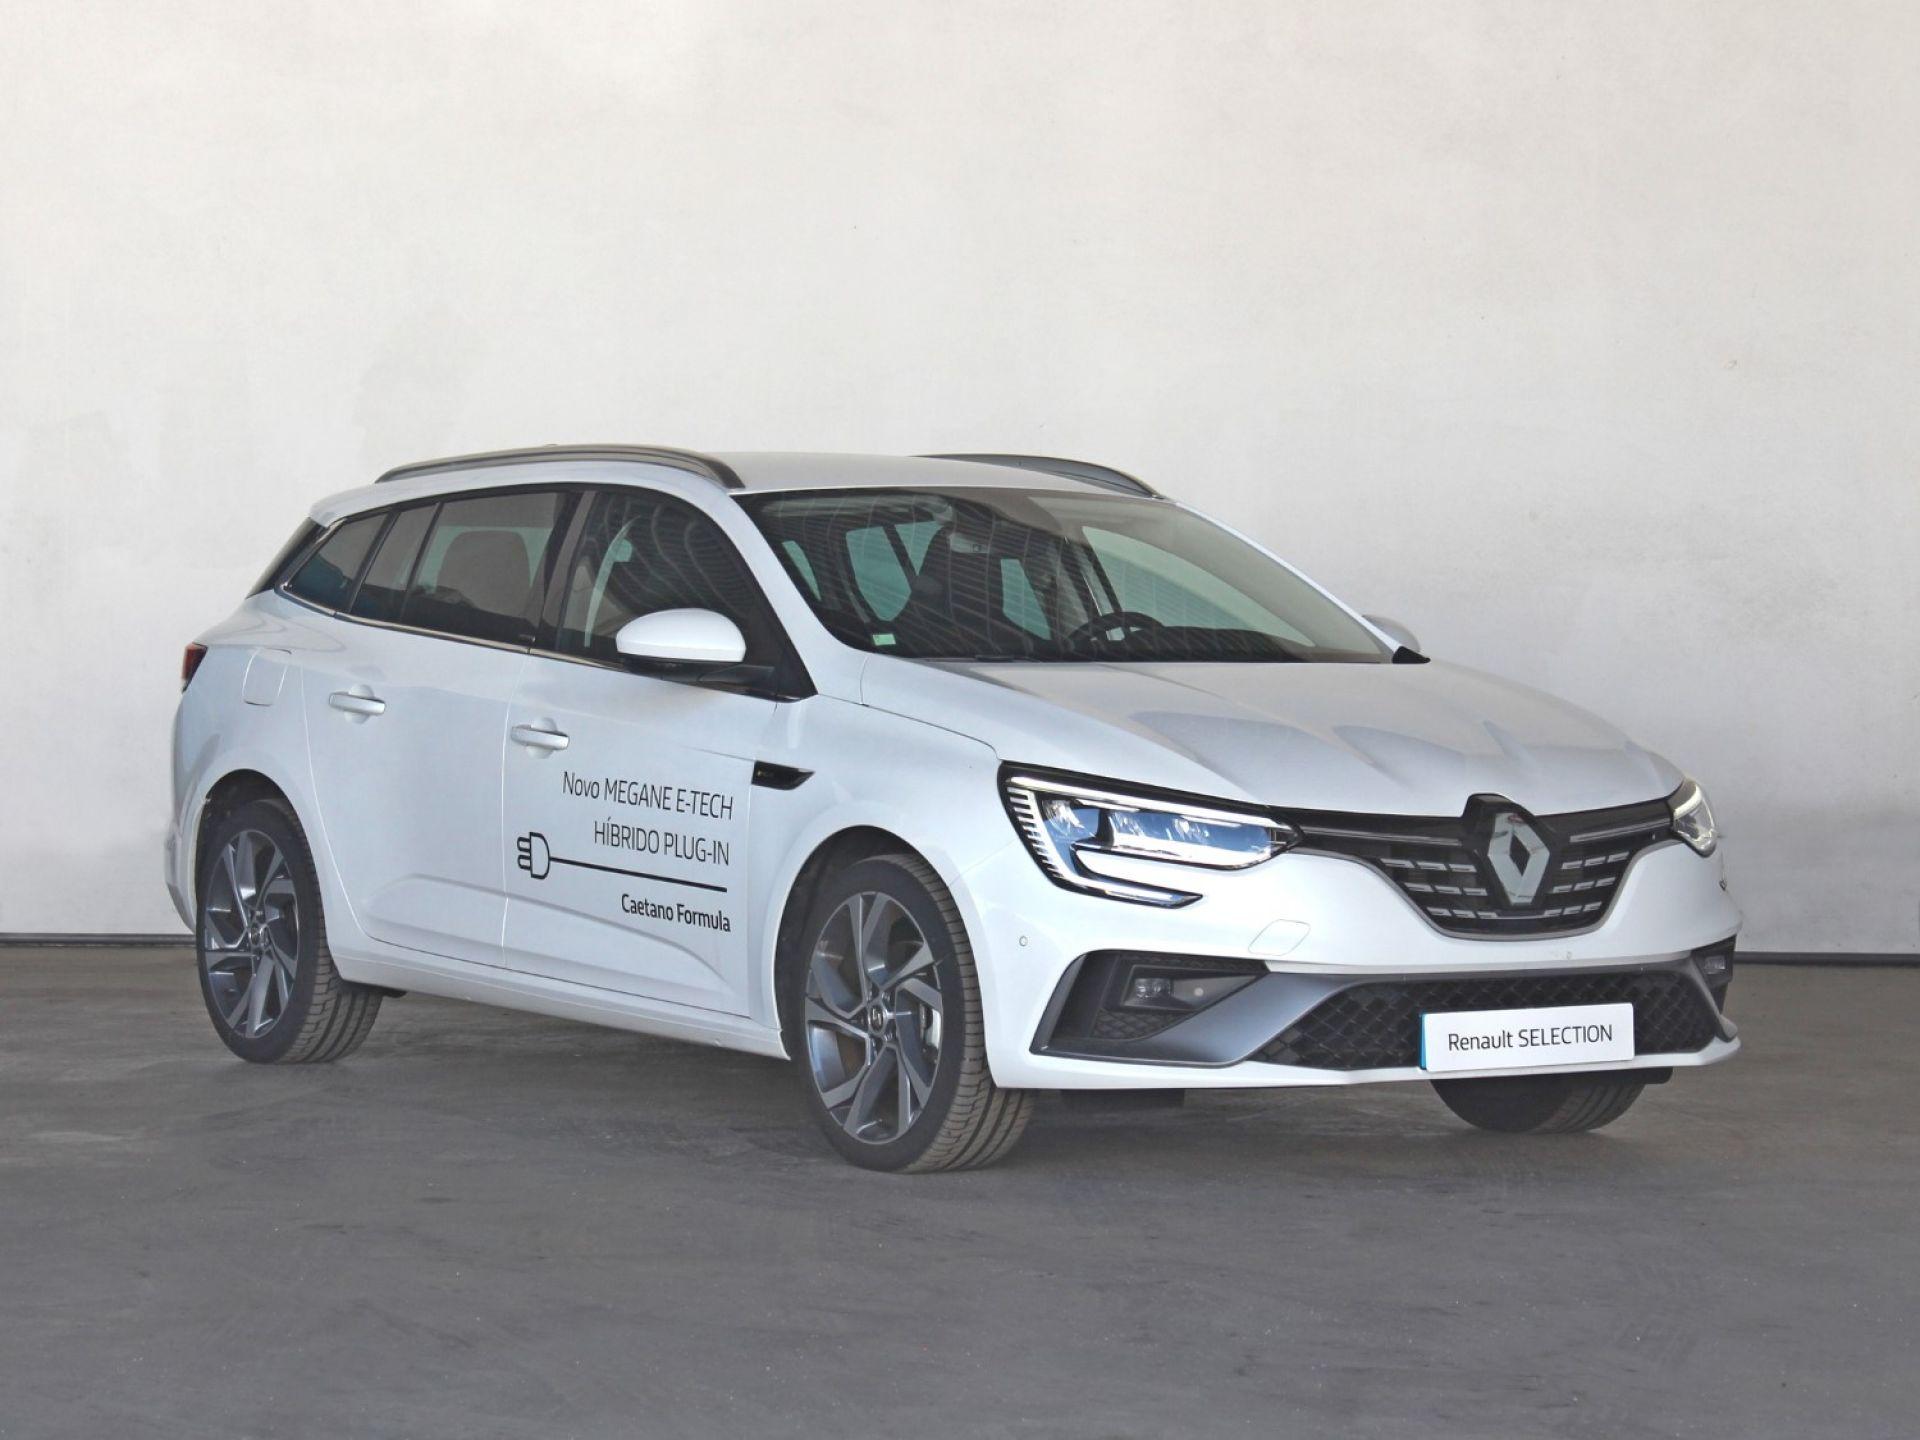 Renault Megane ST 1.6 160 E-Tech Híbrido Plu-In RS Line segunda mão Porto